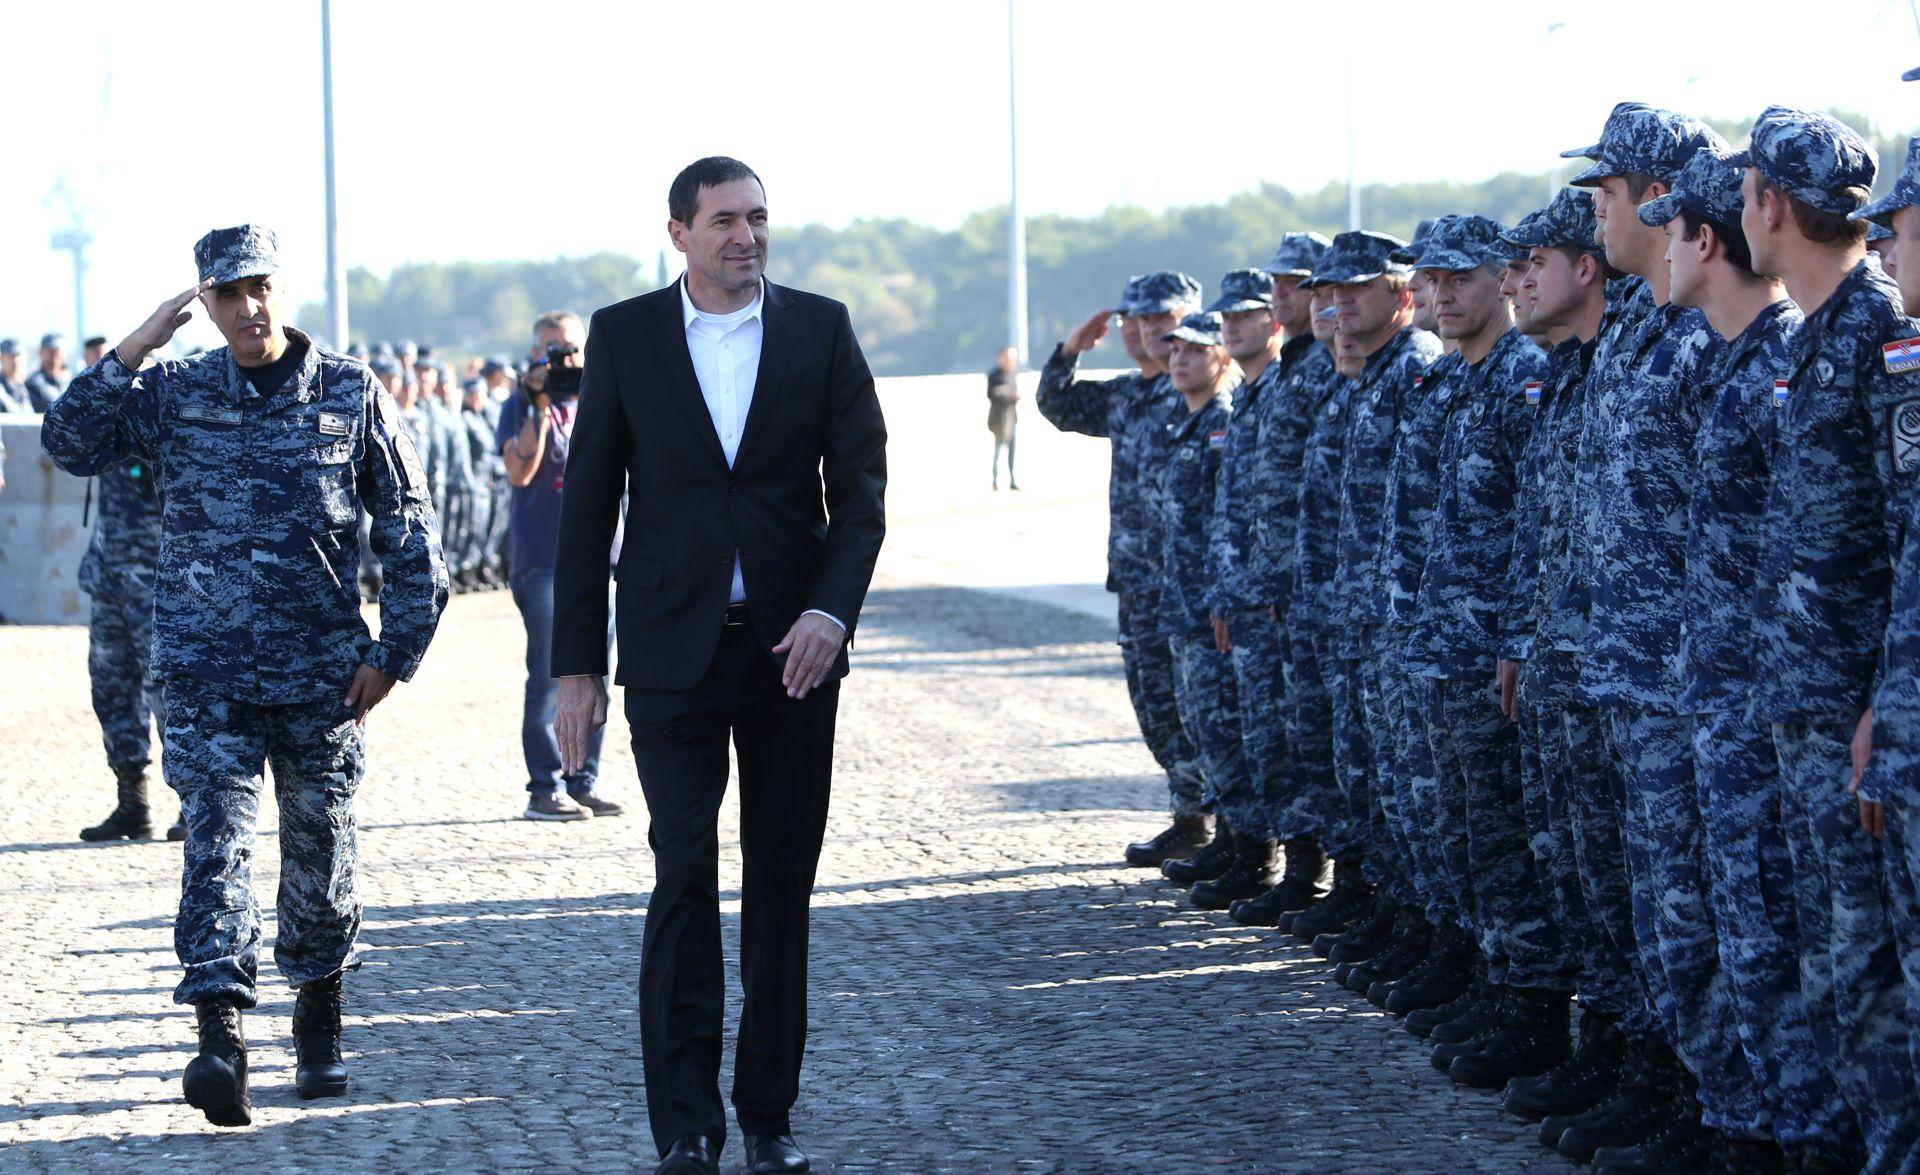 PRIJE ODLASKA S DUŽNOSTI: Ministar Kotromanović želi imenovati Višnju Tafru na čelo Sektora za nekretnine